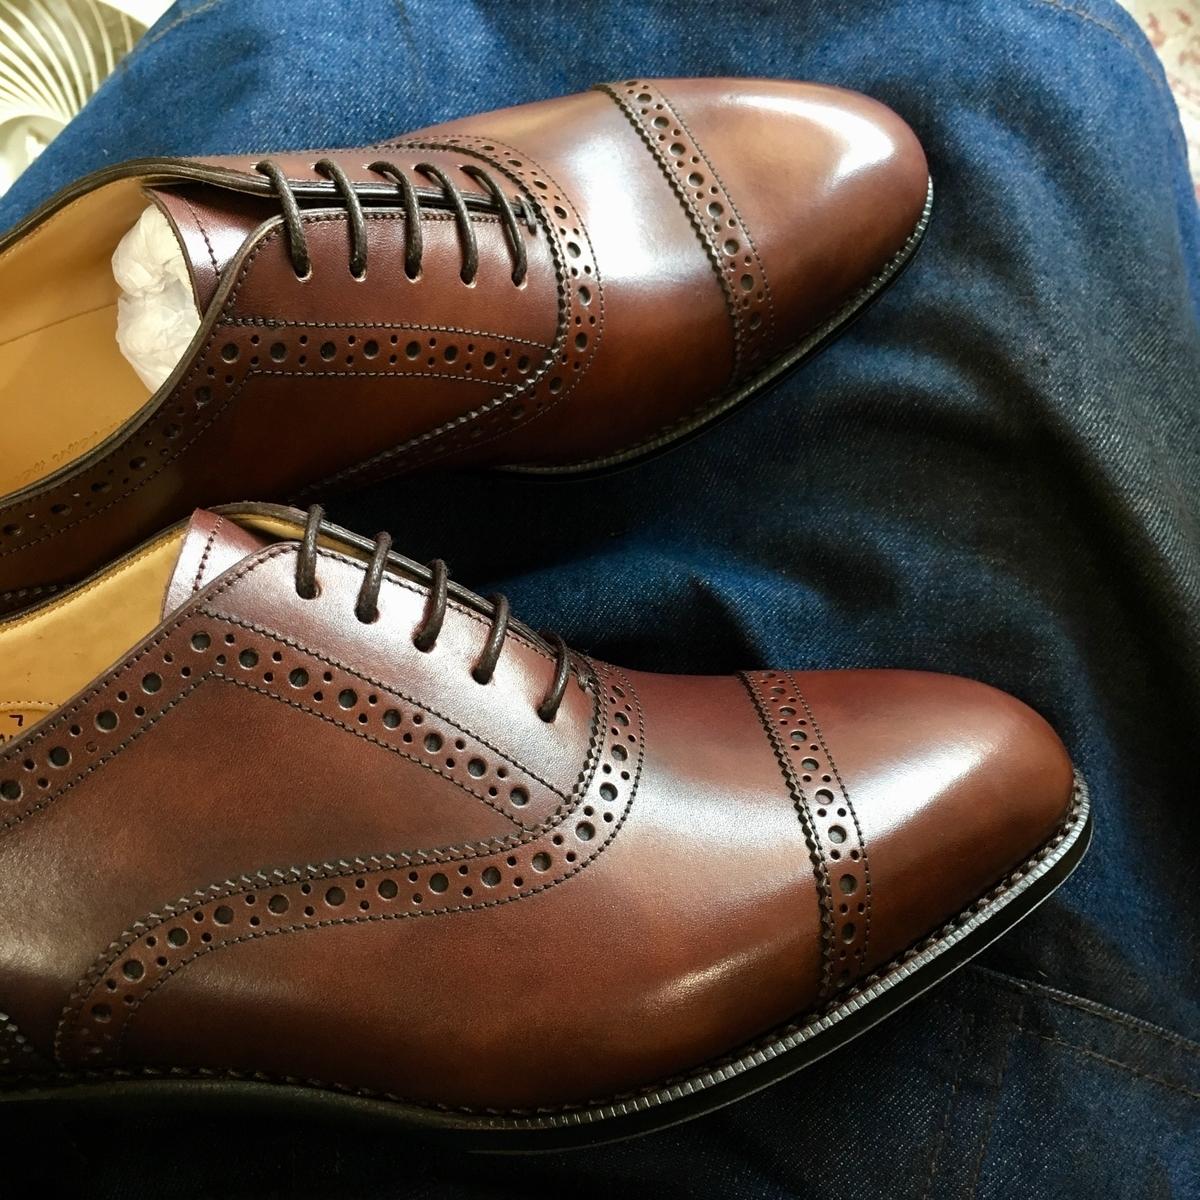 f:id:raymar-shoes:20190818171521j:plain